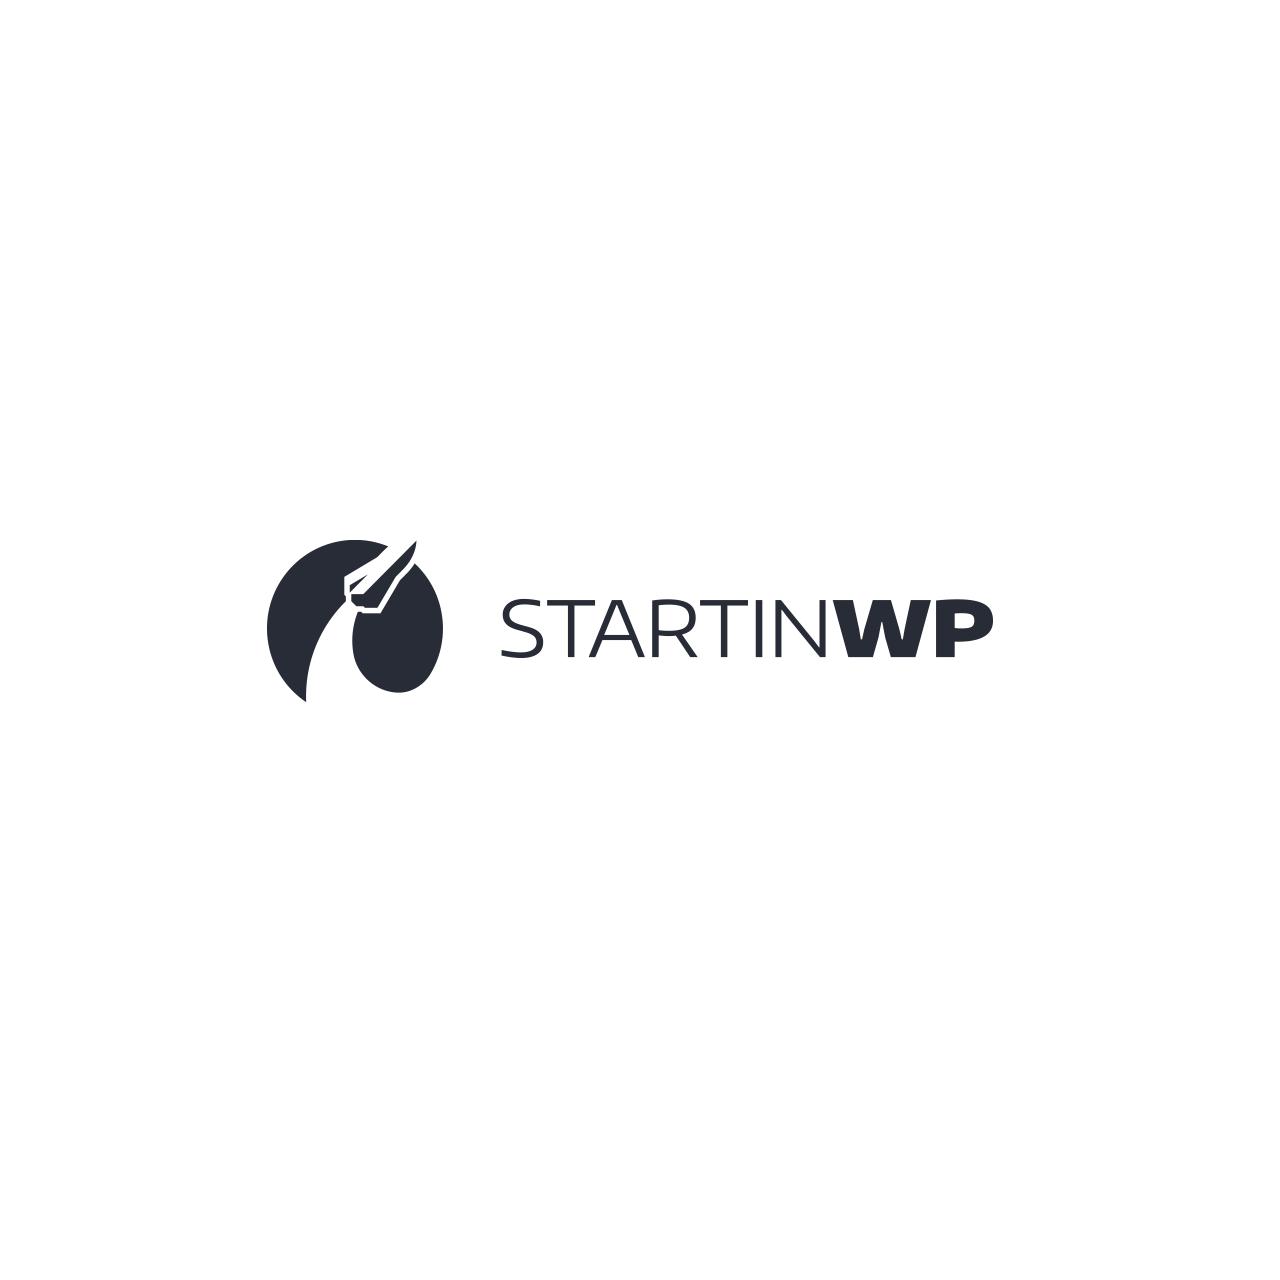 c05-startinwp